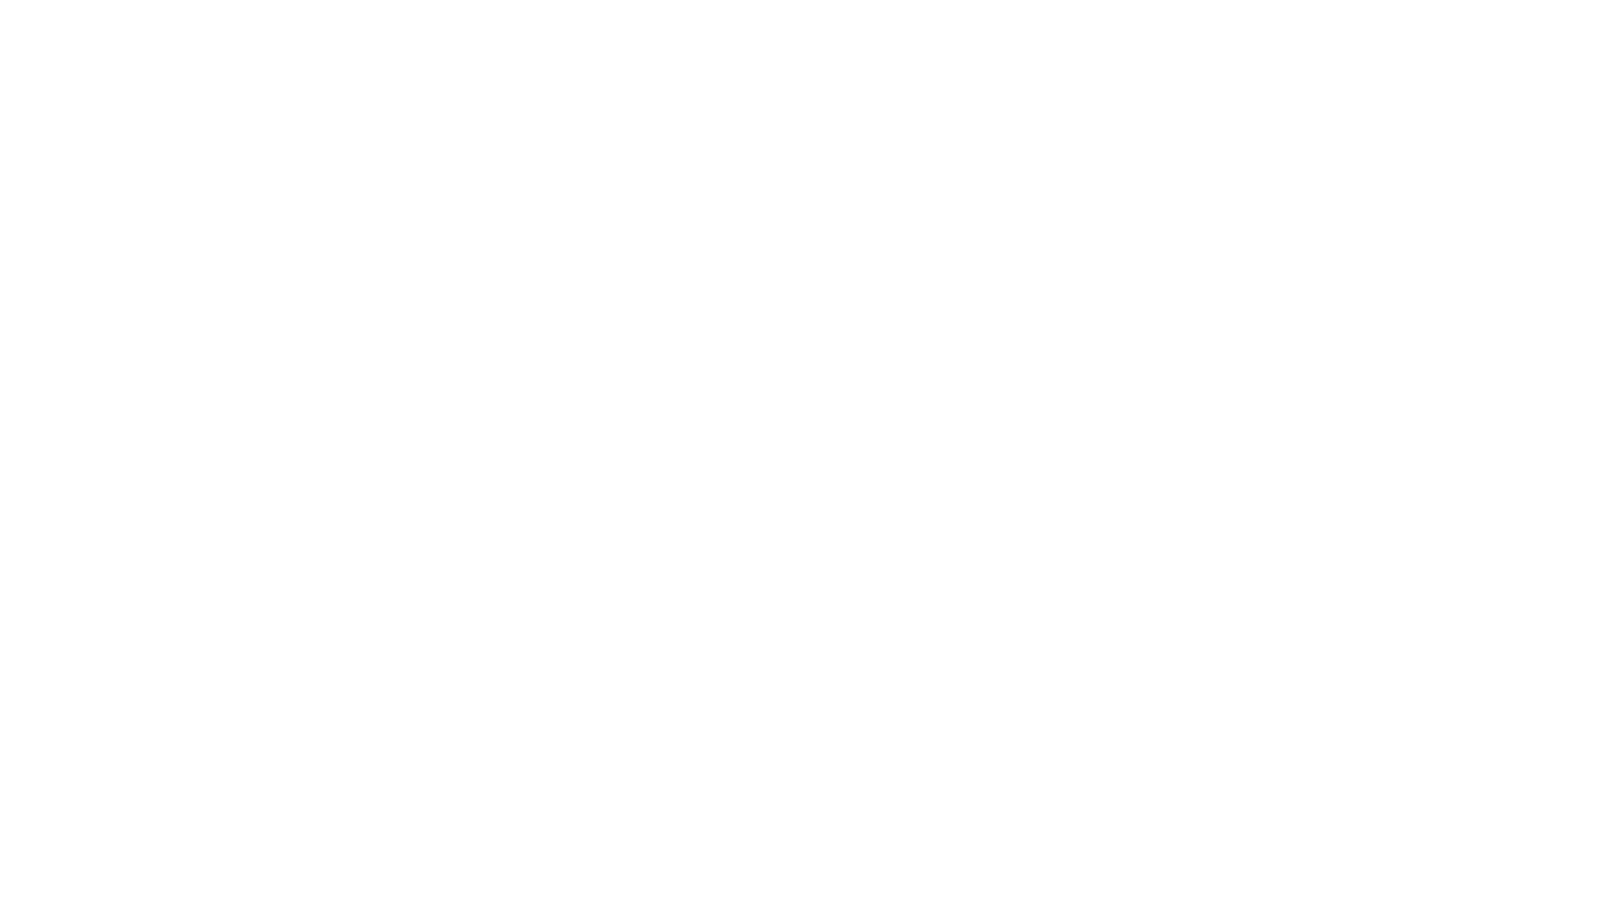 El negocio de los vientres de alquiler, actividad prohibida en España y en gran parte del mundo, mueve al año más de 5 millones de euros. En la última década se han inscrito en nuestro país más de 2.300 niños nacidos a través de esta práctica. #SomosMujer8M Avance del programa que se emitirá el lunes 8 de marzo de 2021 por RadioTelevisión Canaria - RTVC.es Stop Vientres de Alquiler participa en un reportaje contra la explotación reproductiva. Con Maria Jose Palmero, Ana Trejo Pulido y Teresa Domínguez